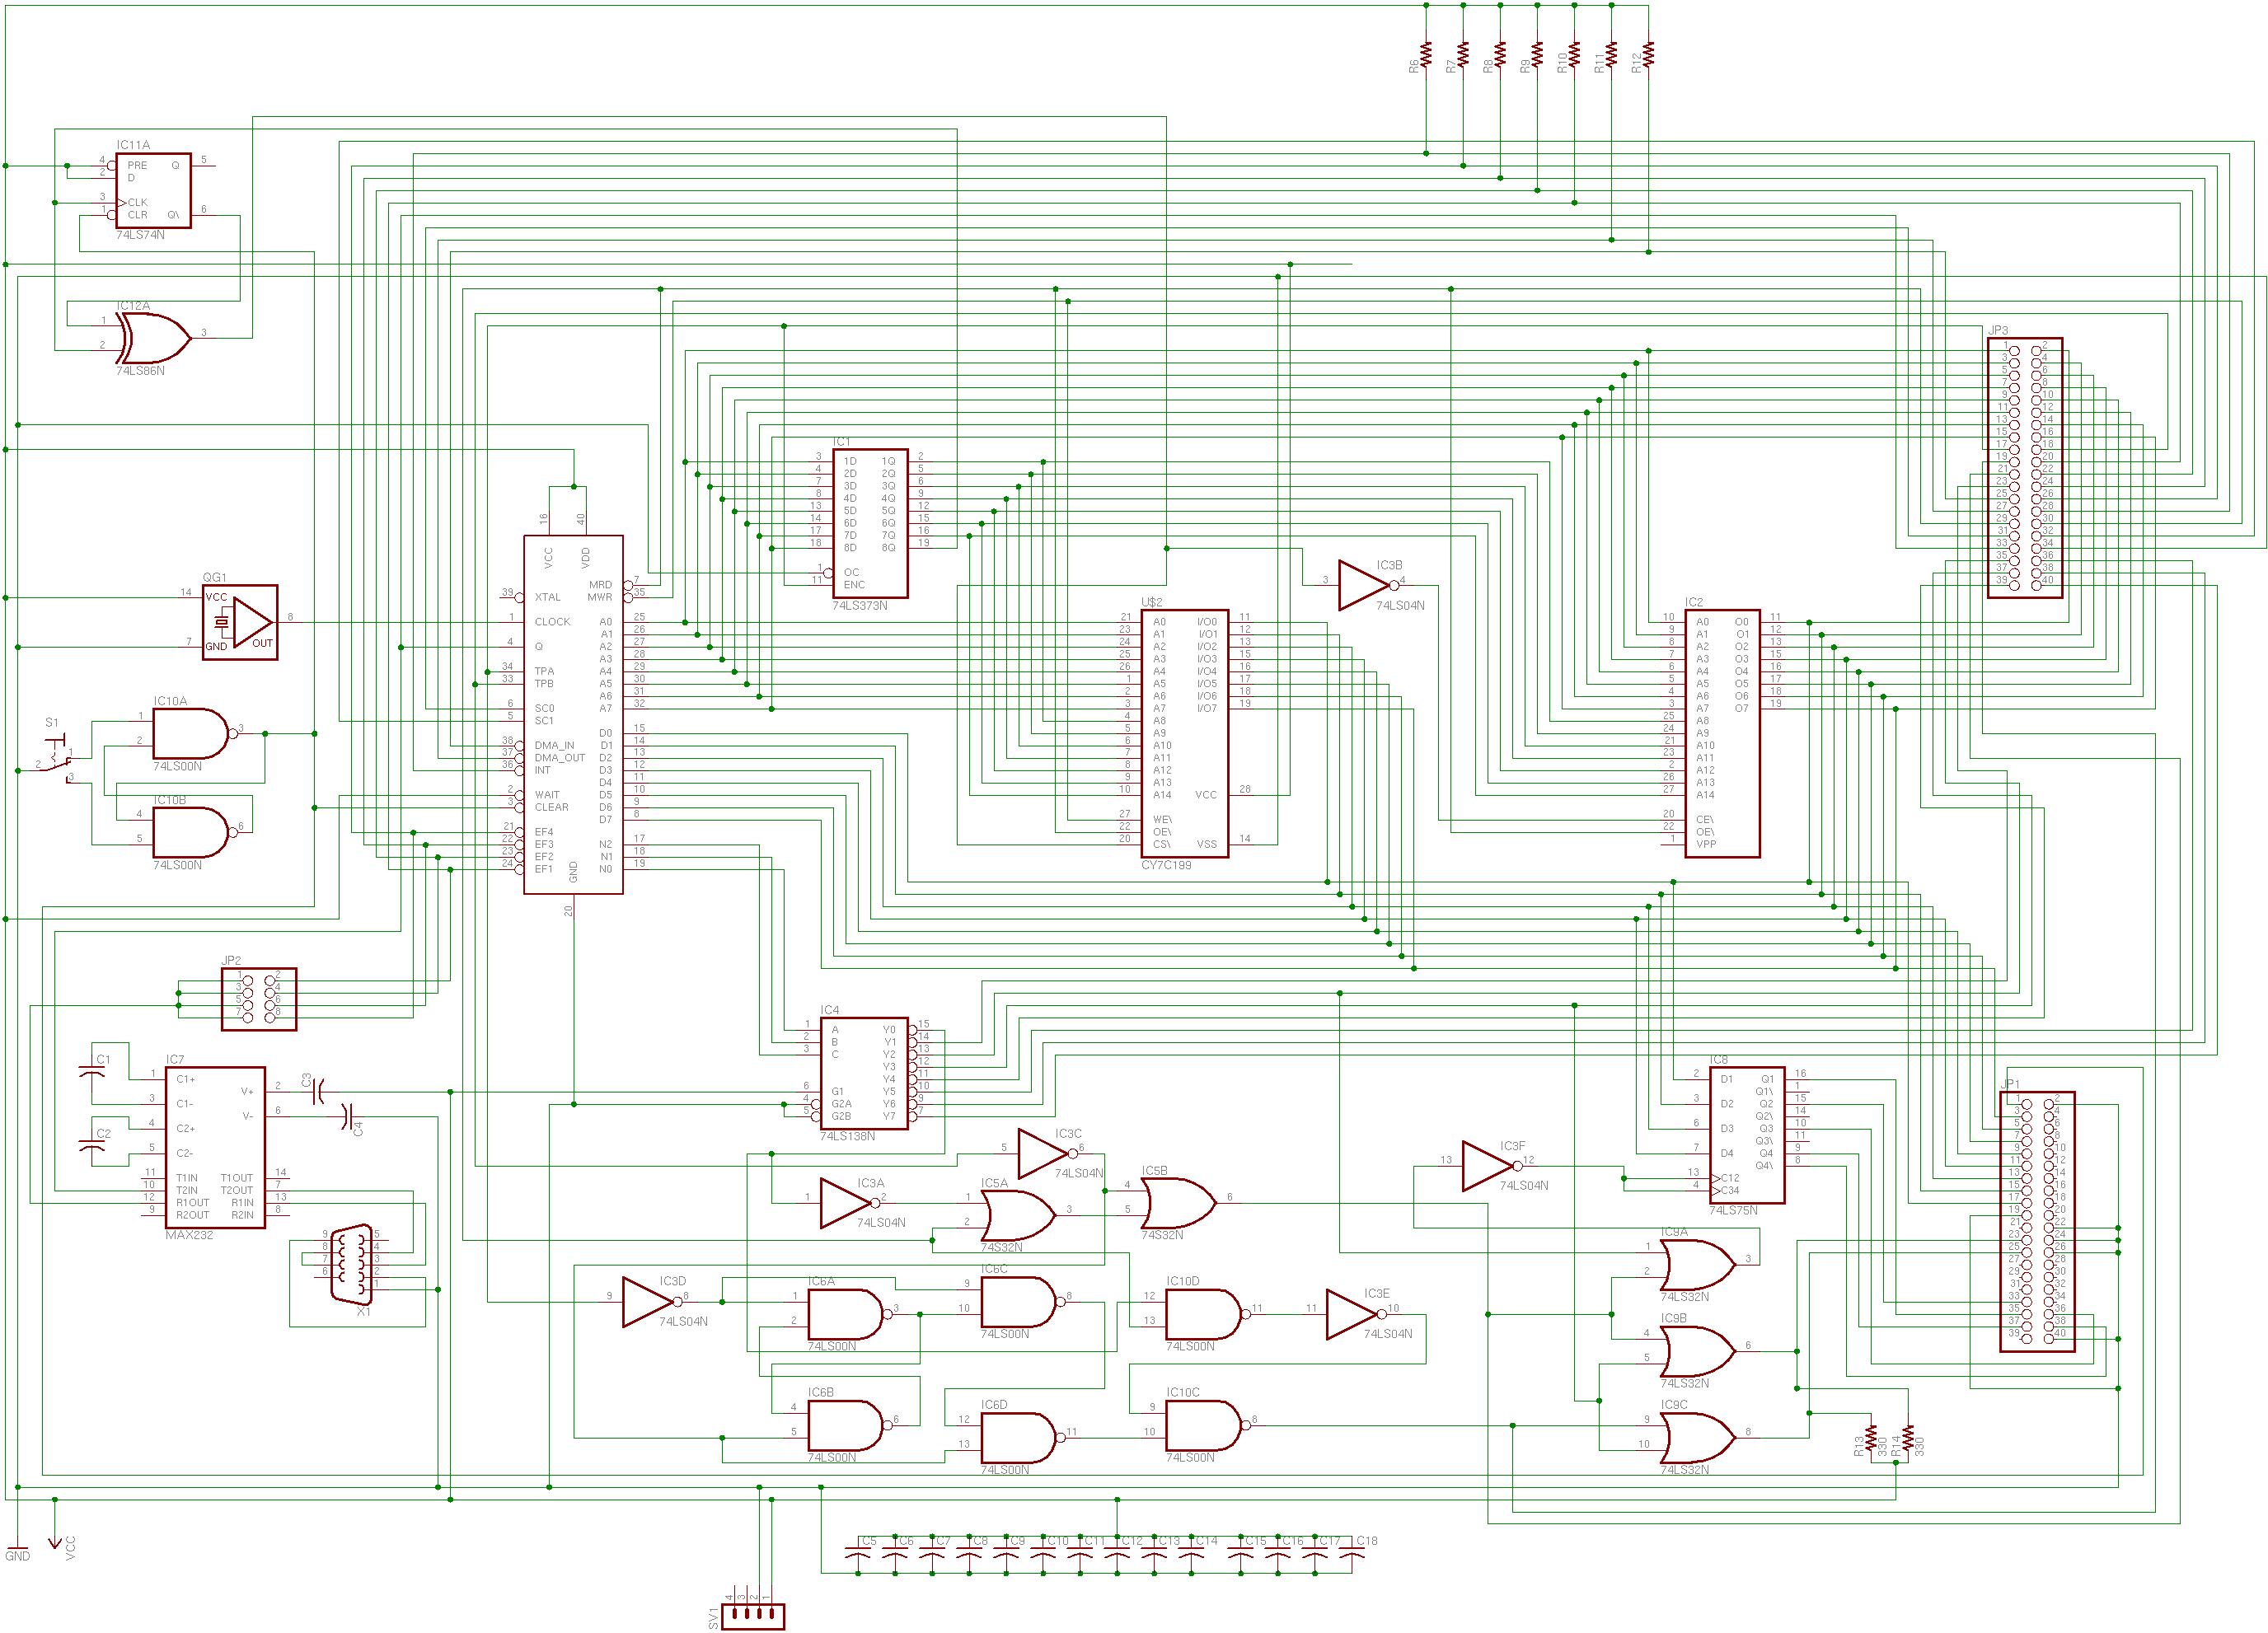 Elf Hardware Schematic In Addition Schematics Eagle Files On Sch File